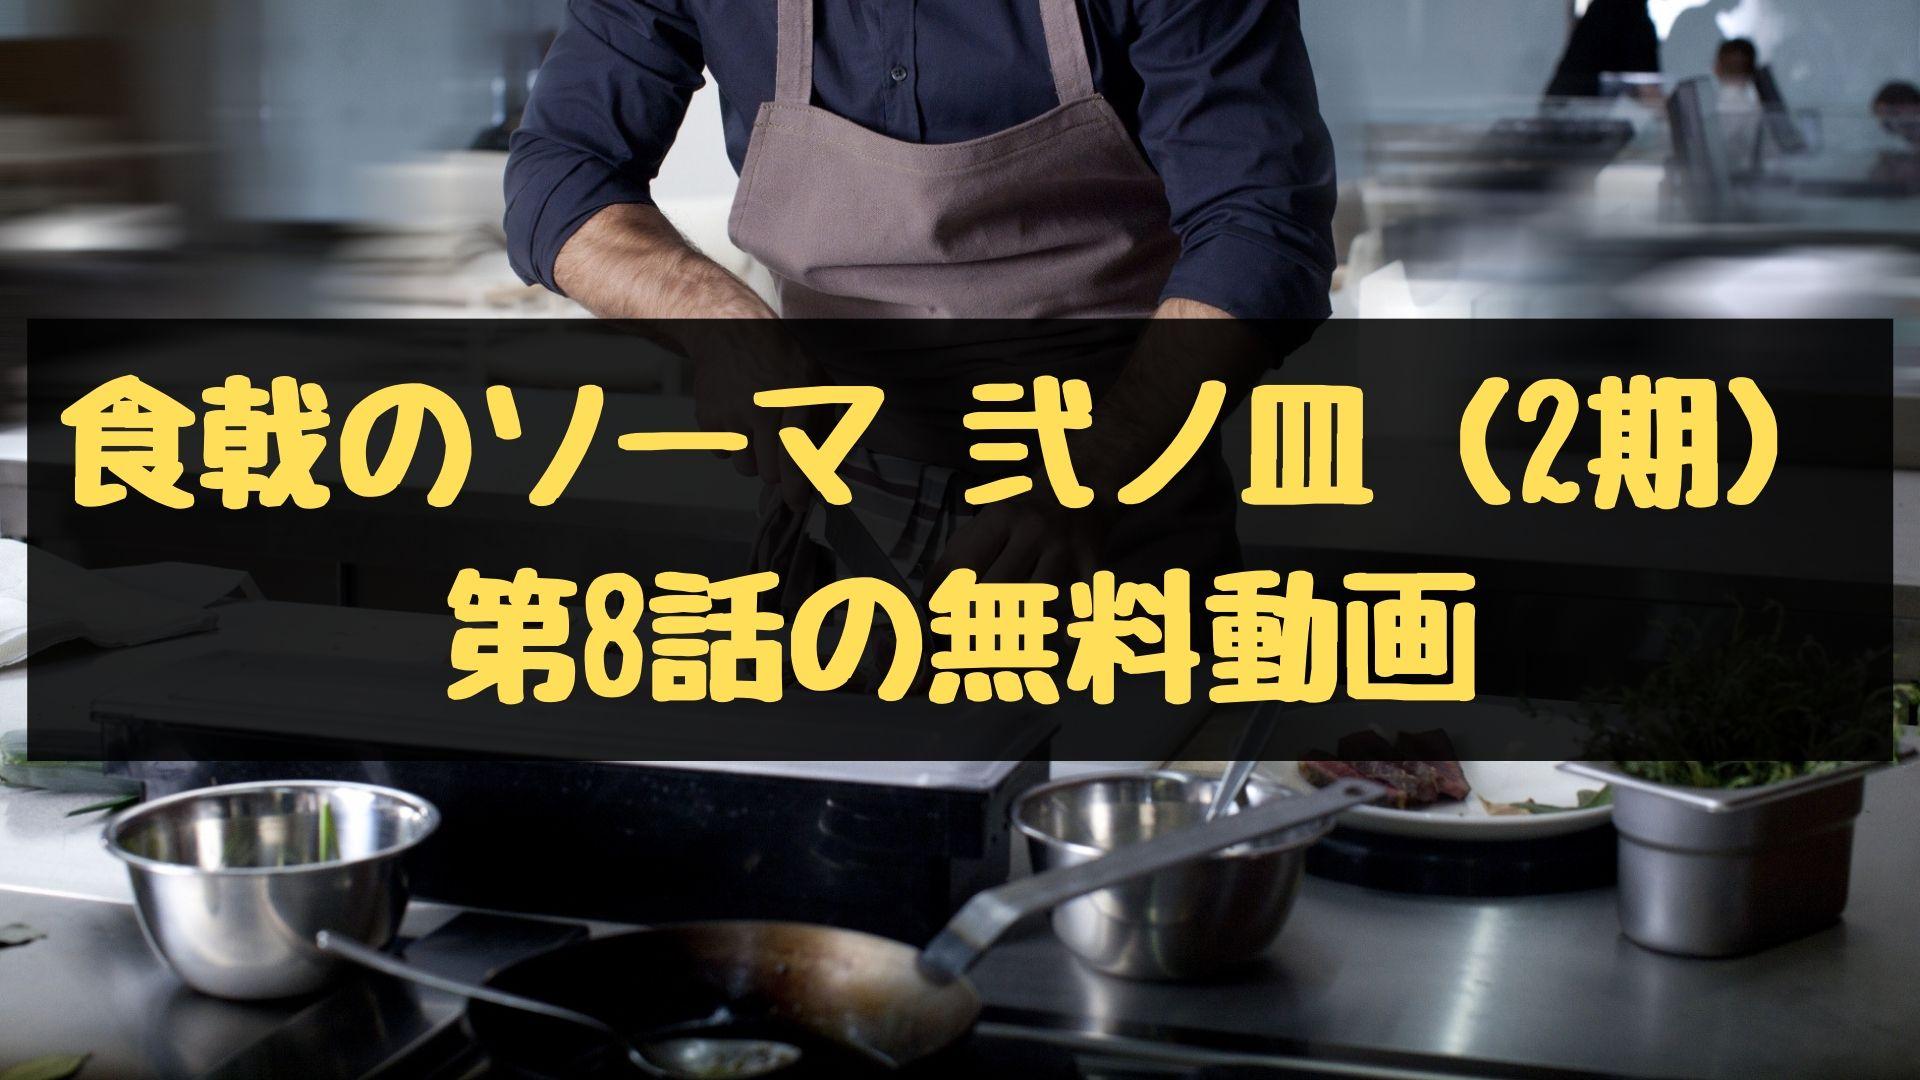 食戟のソーマ 弐ノ皿(2期) 第8話の無料動画